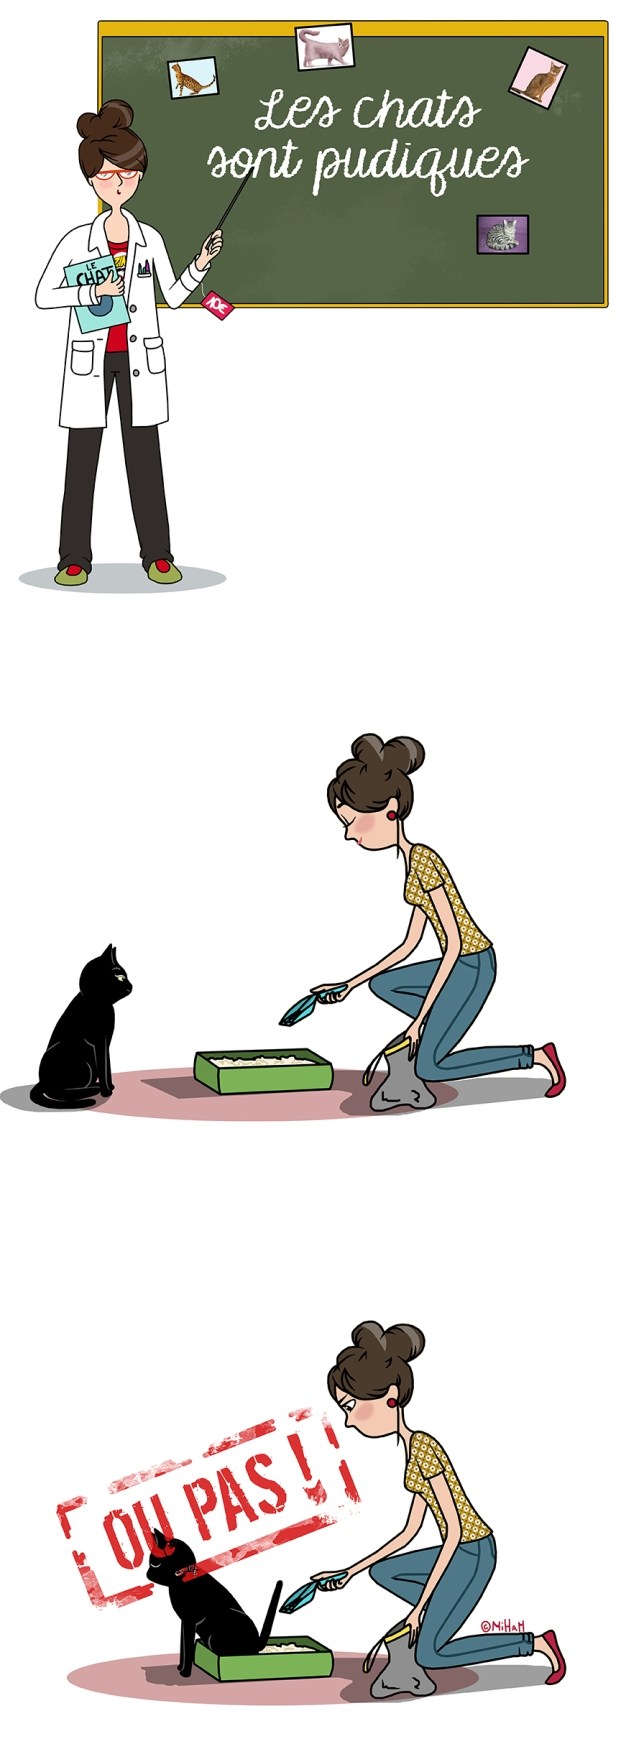 idée-reçue-sur-les-chats-miham